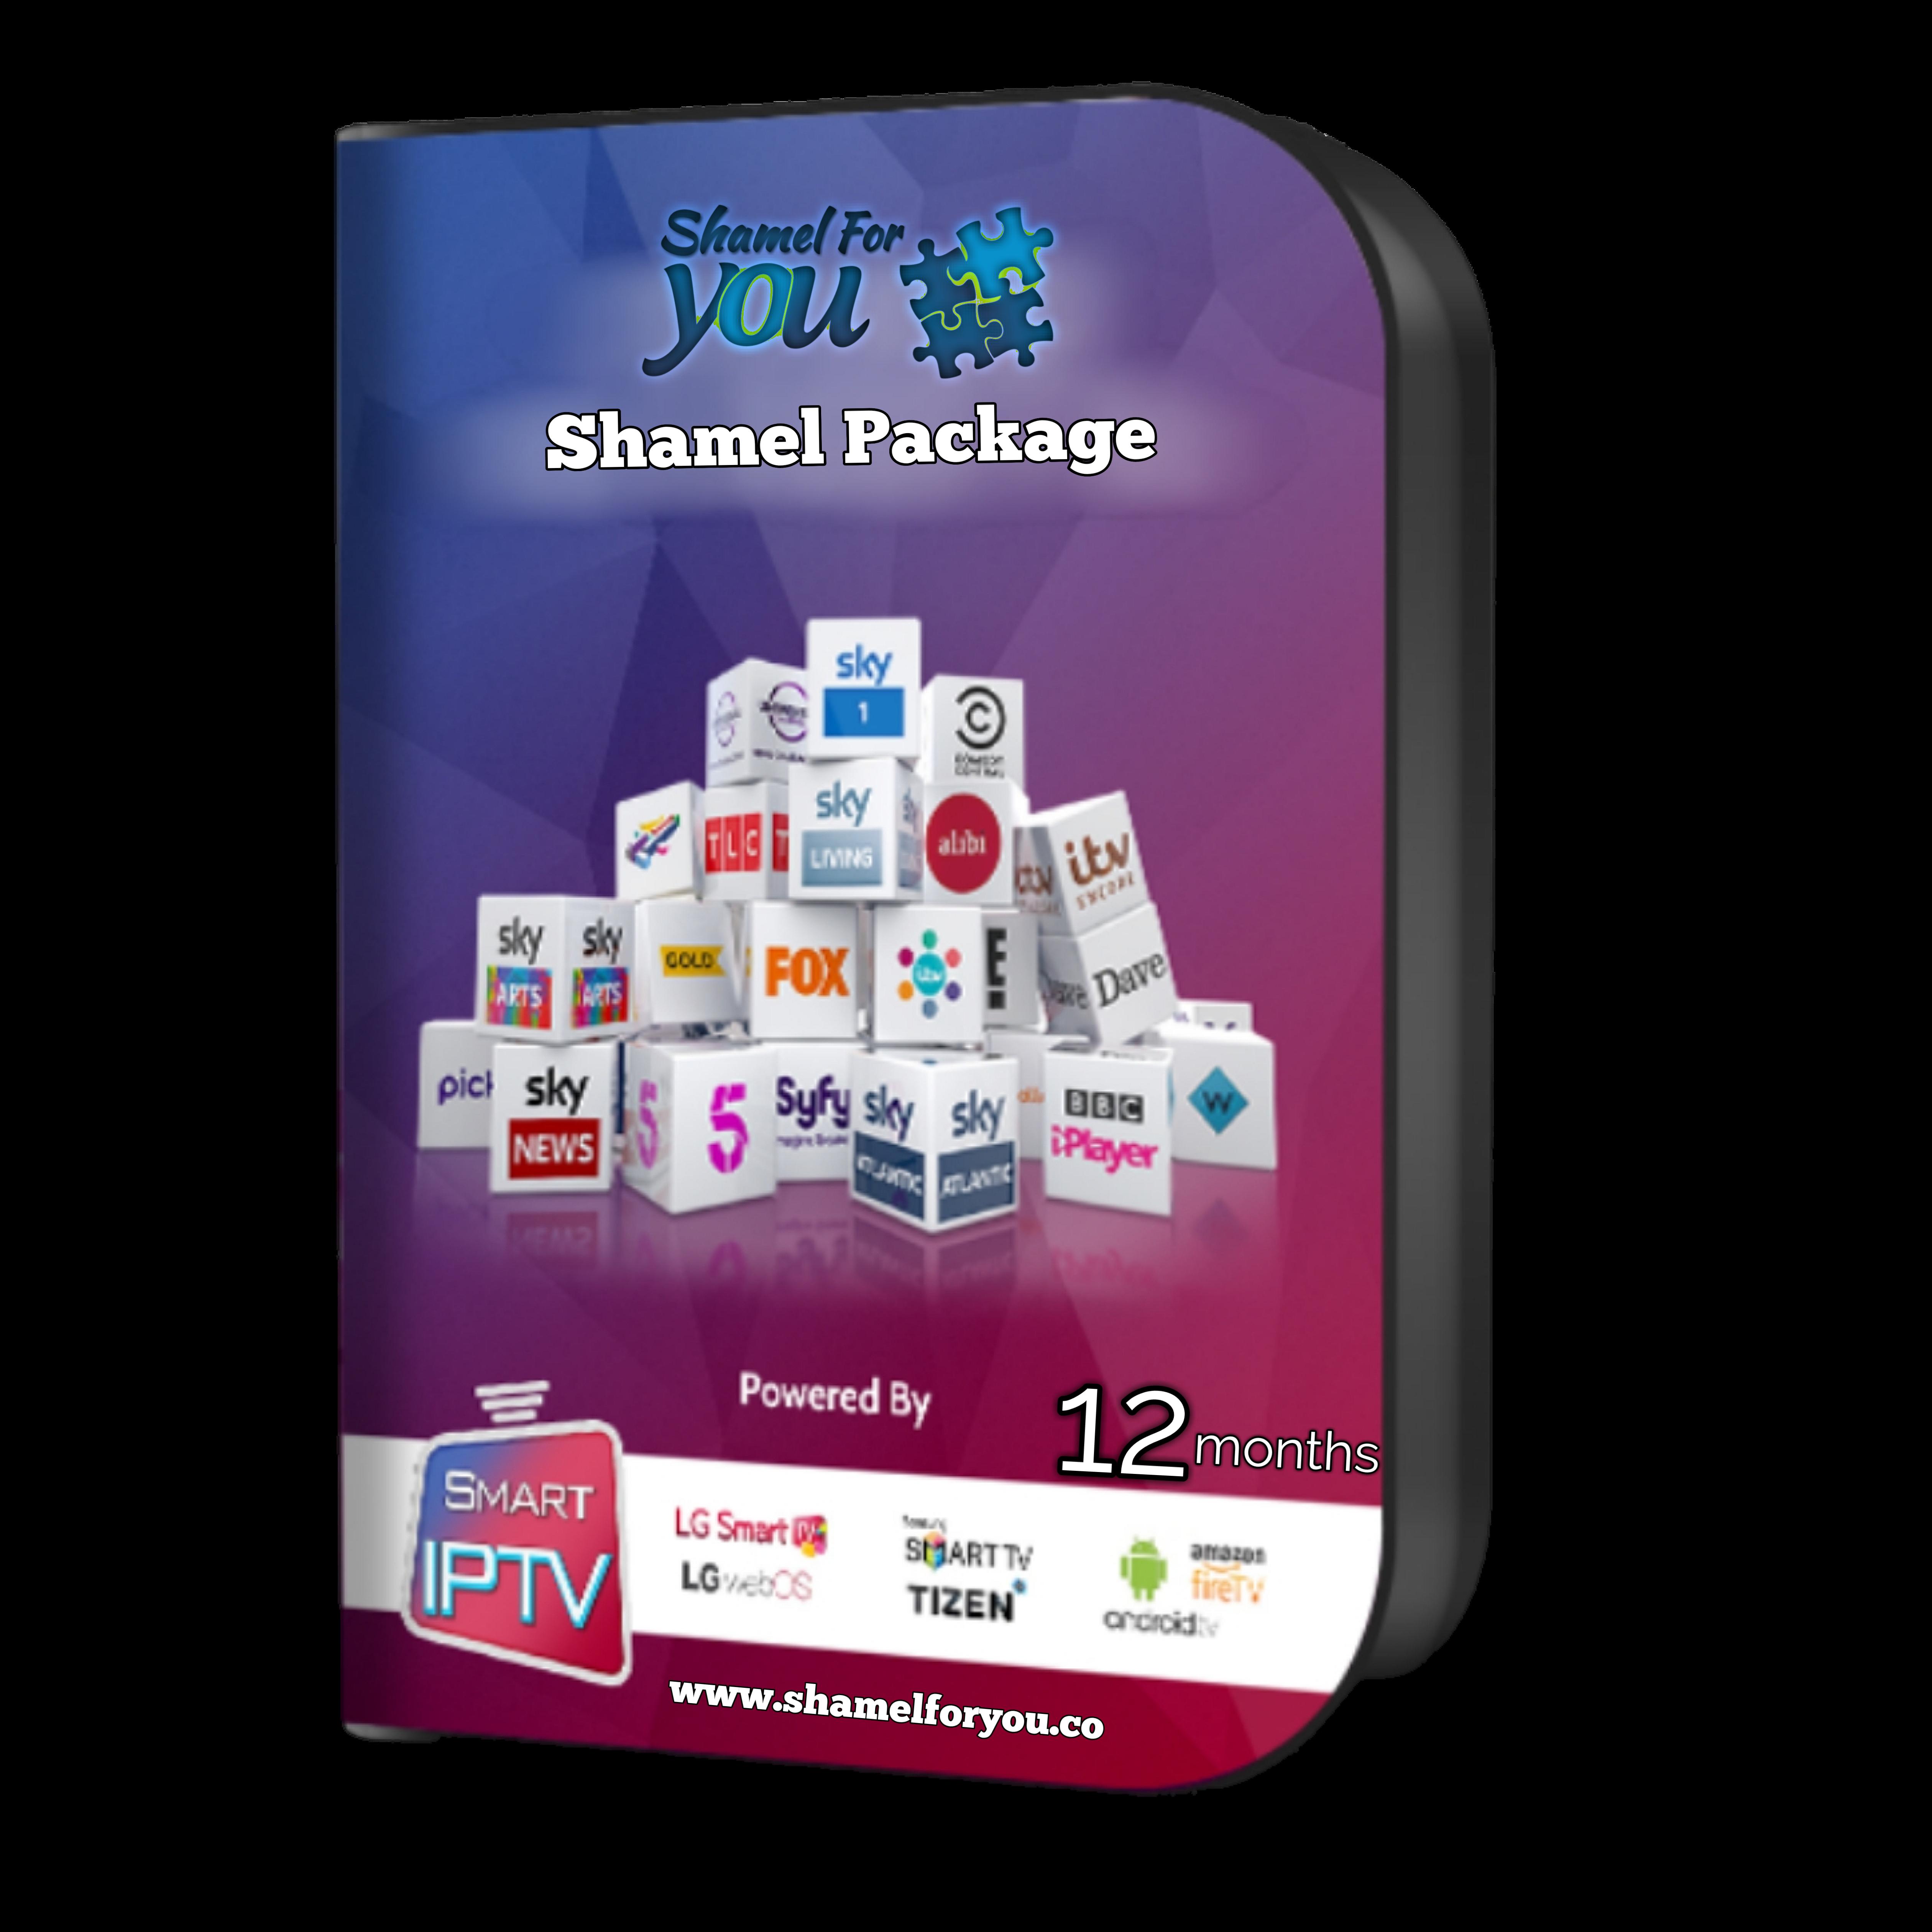 IPTV Shamel 4 You 12 months 00351